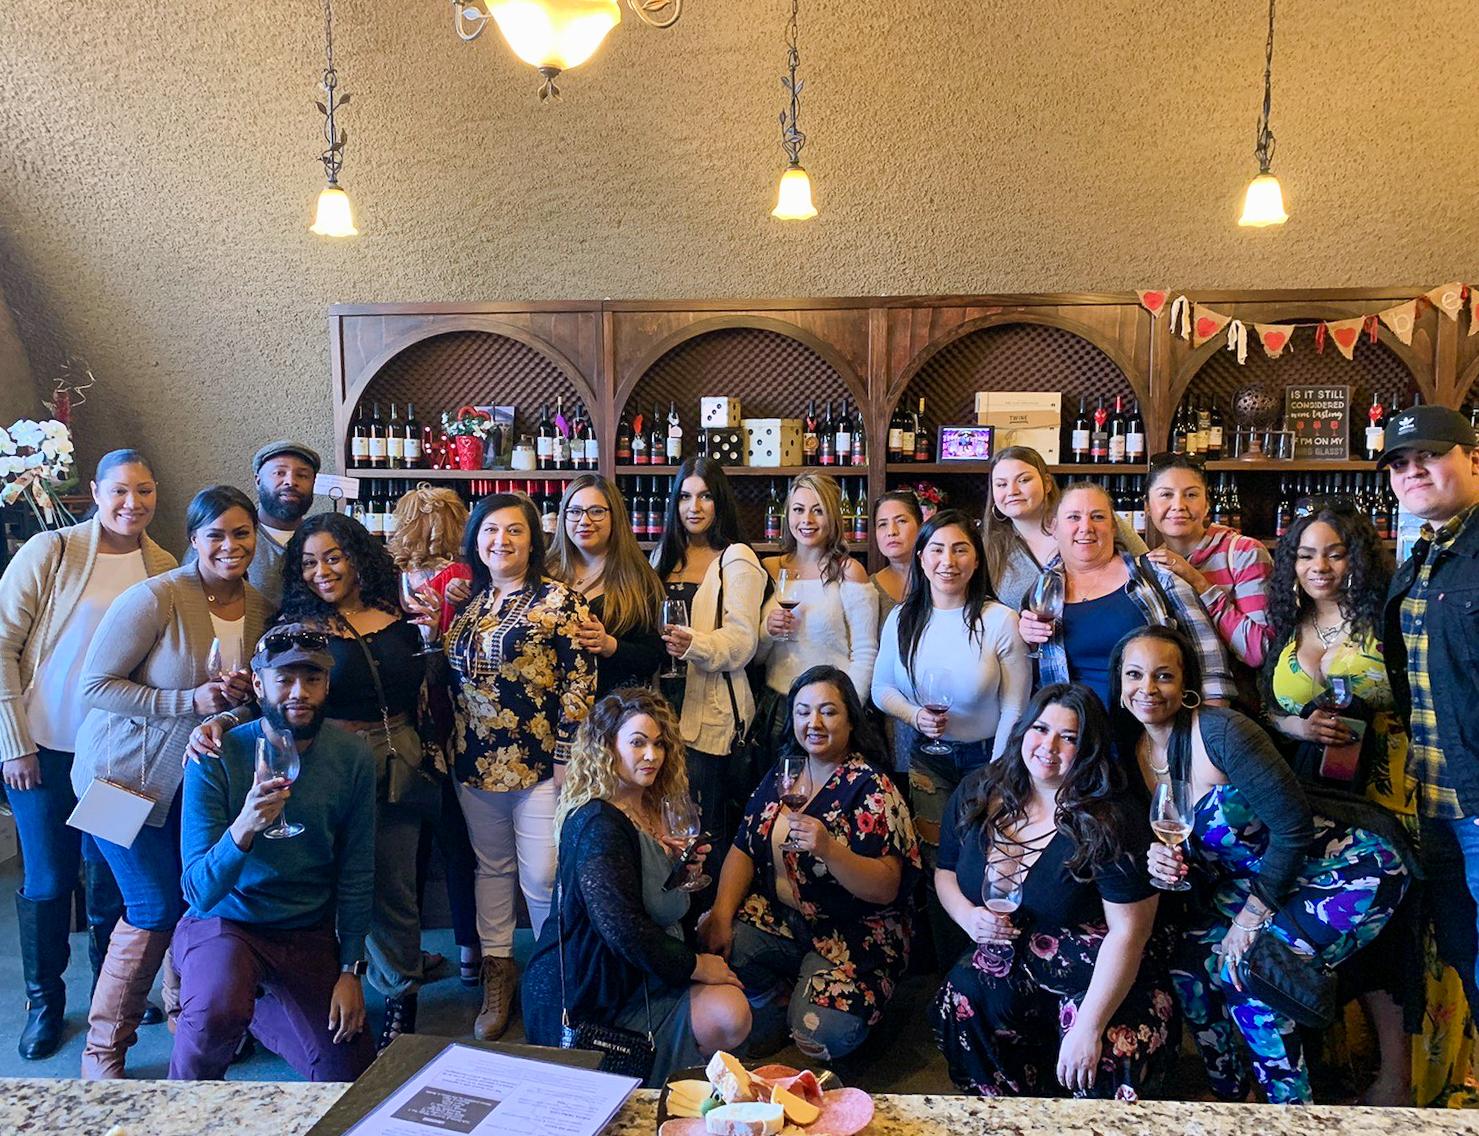 Group posing at winery